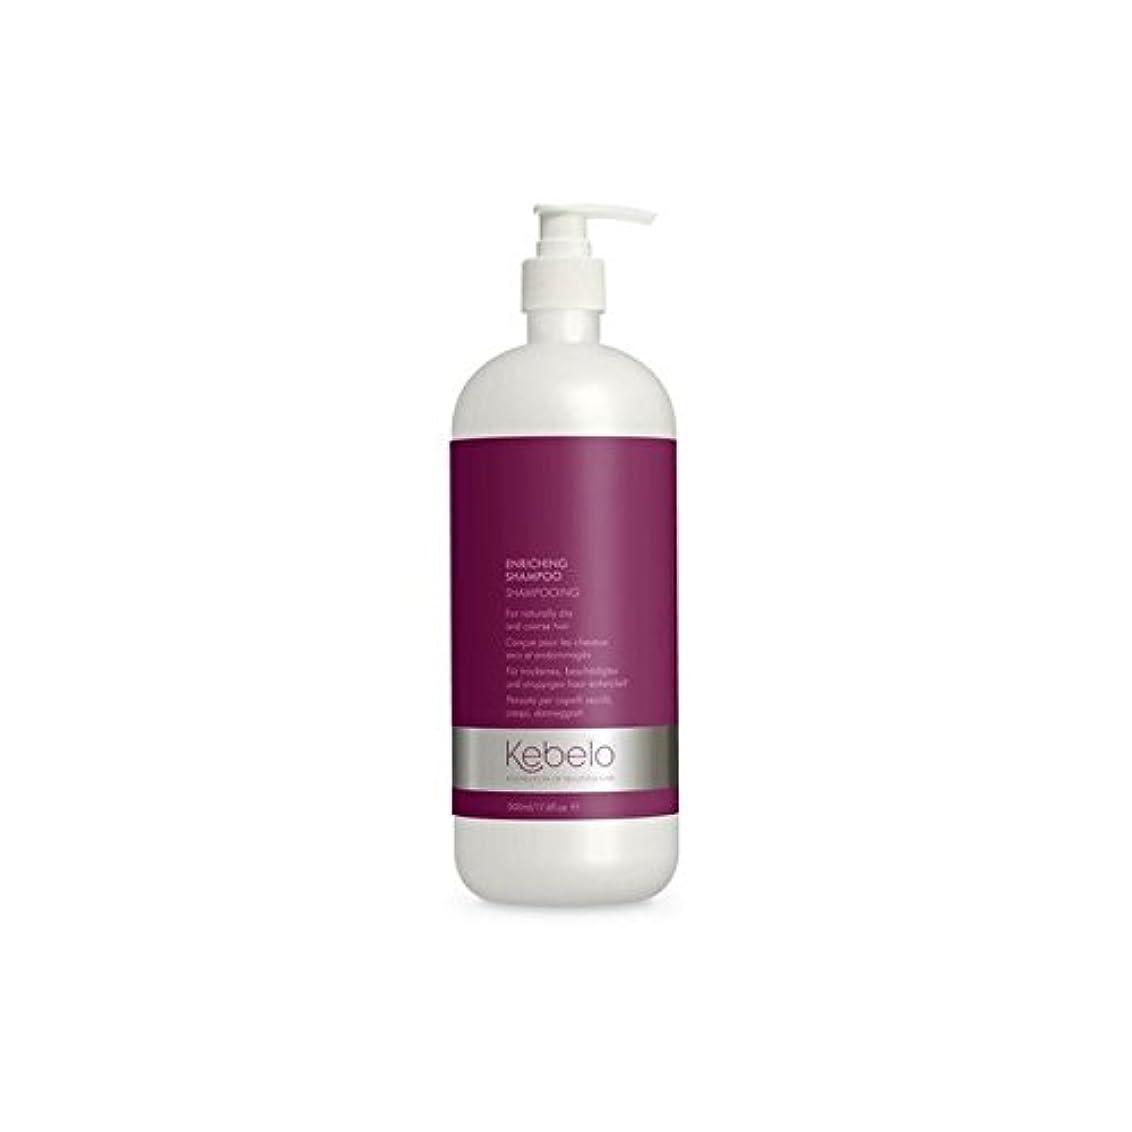 砲兵交通ペインギリックシャンプー500ミリリットルを豊かに x2 - Kebelo Enriching Shampoo 500ml (Pack of 2) [並行輸入品]